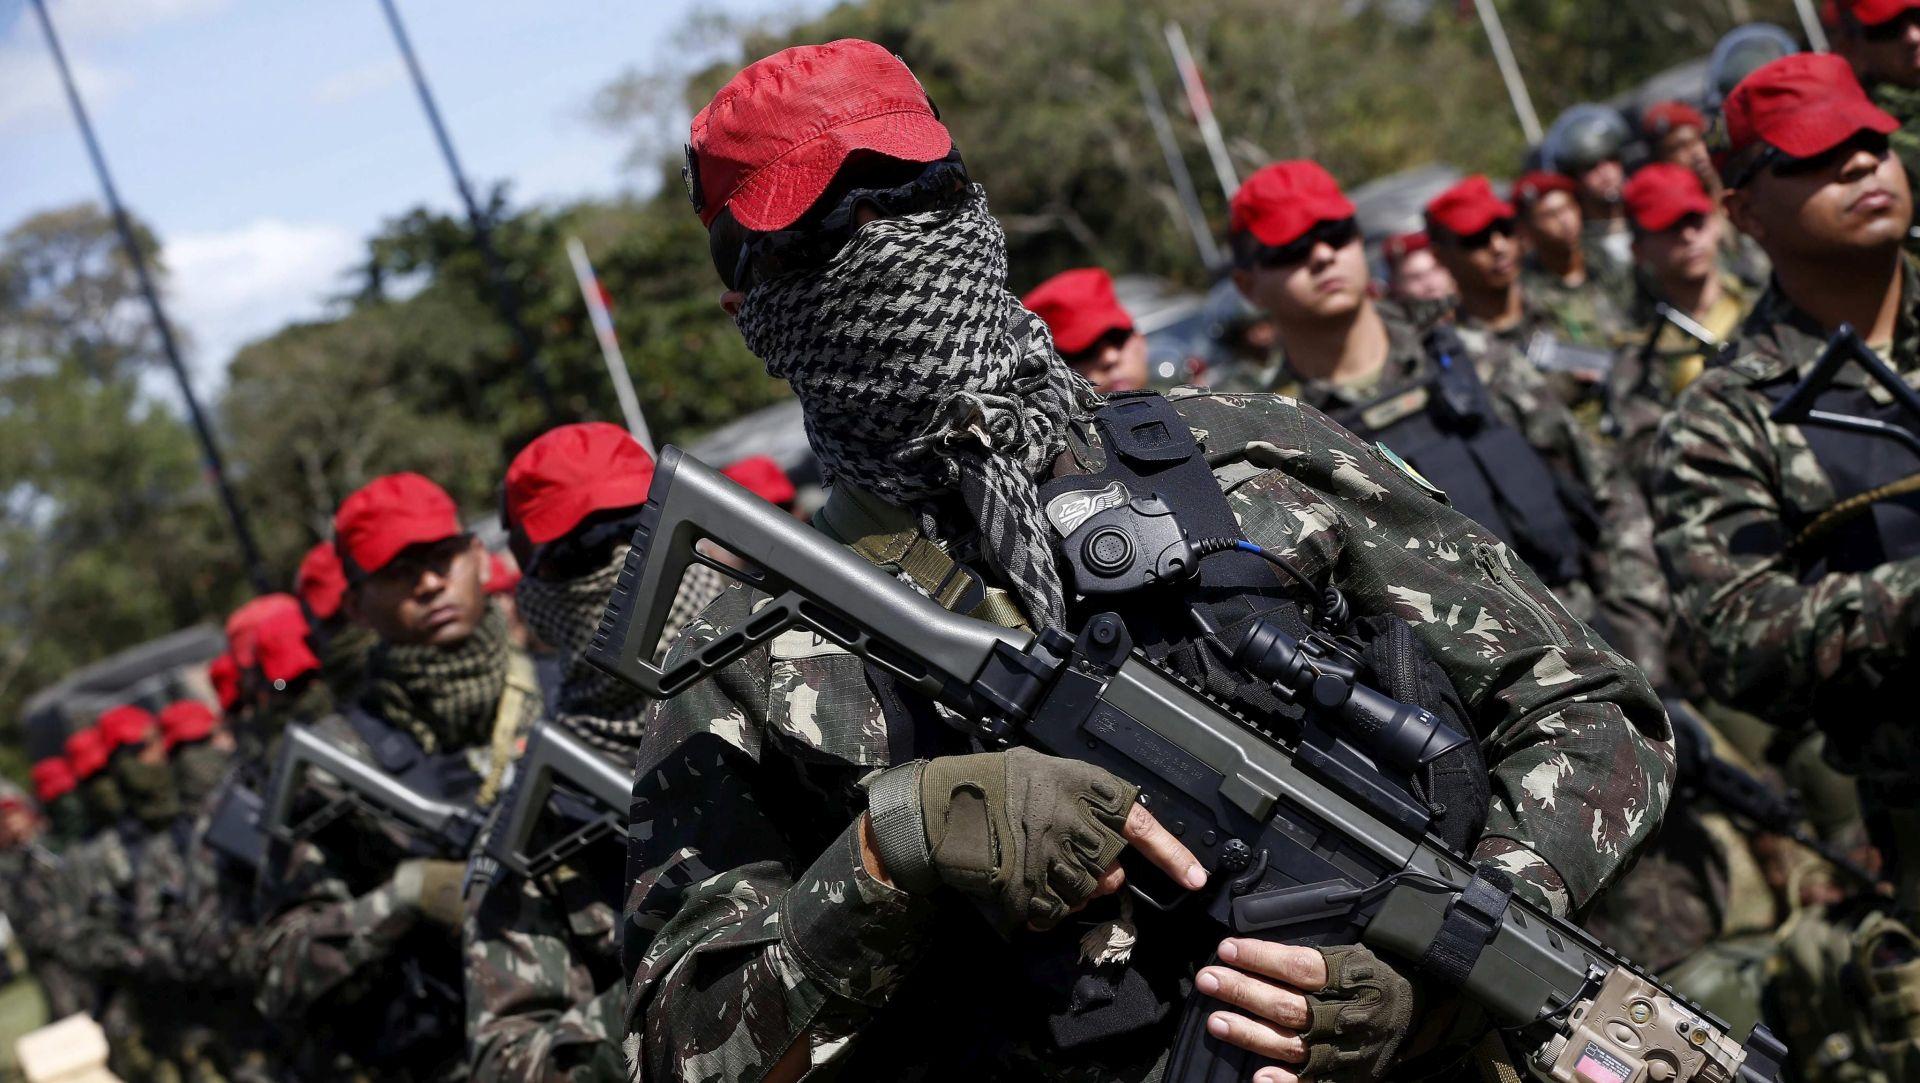 BRAZIL Federalna policija uhitila desetoricu, pripremali terorističke napade na Olimpijadi